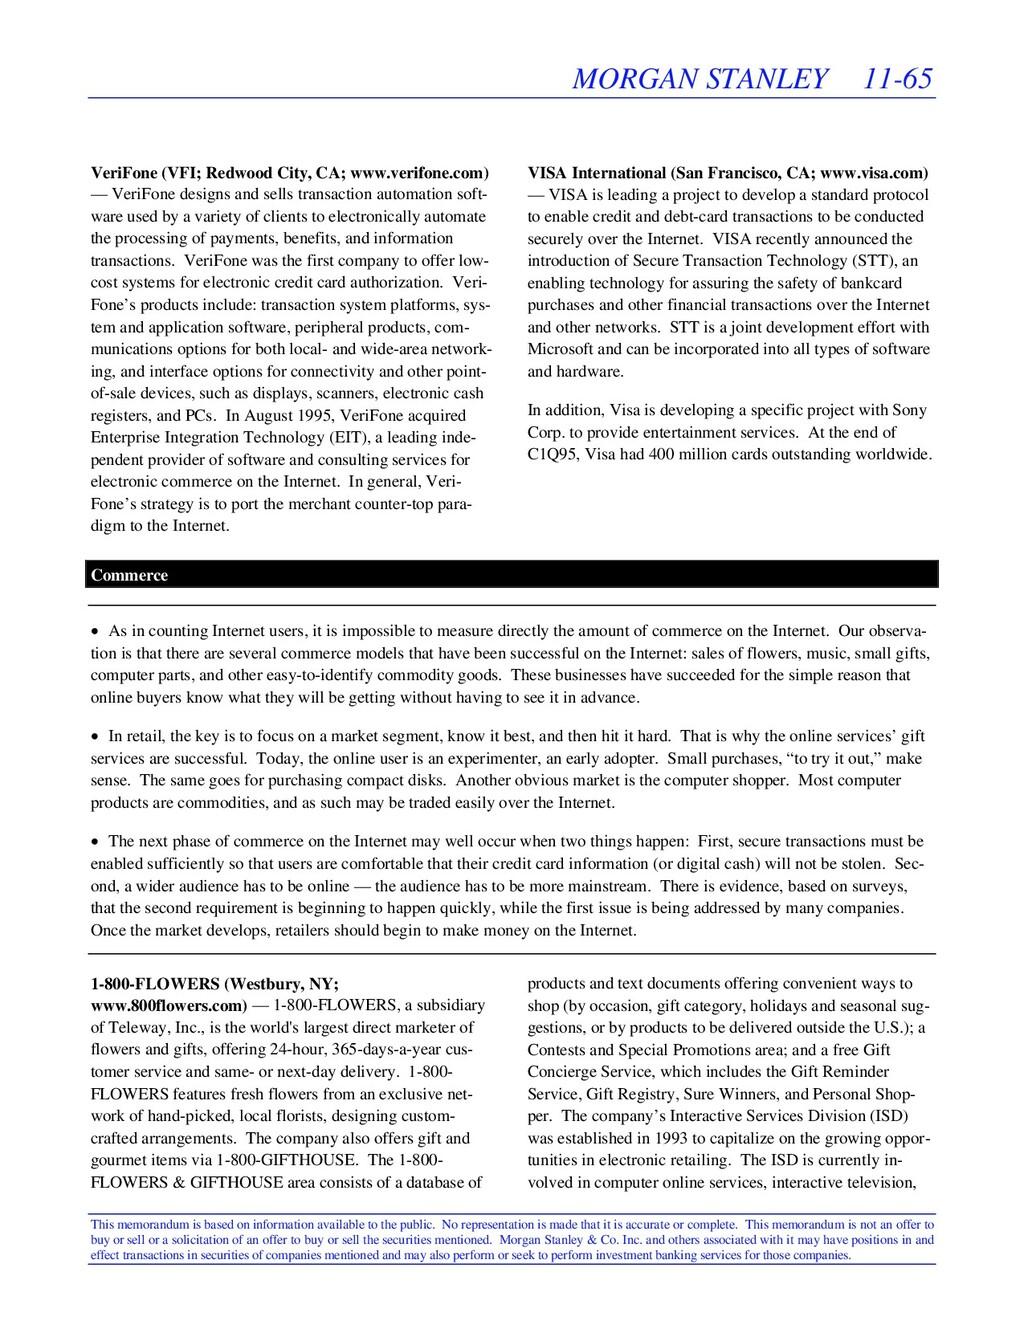 MORGAN STANLEY 11-65 This memorandum is based o...